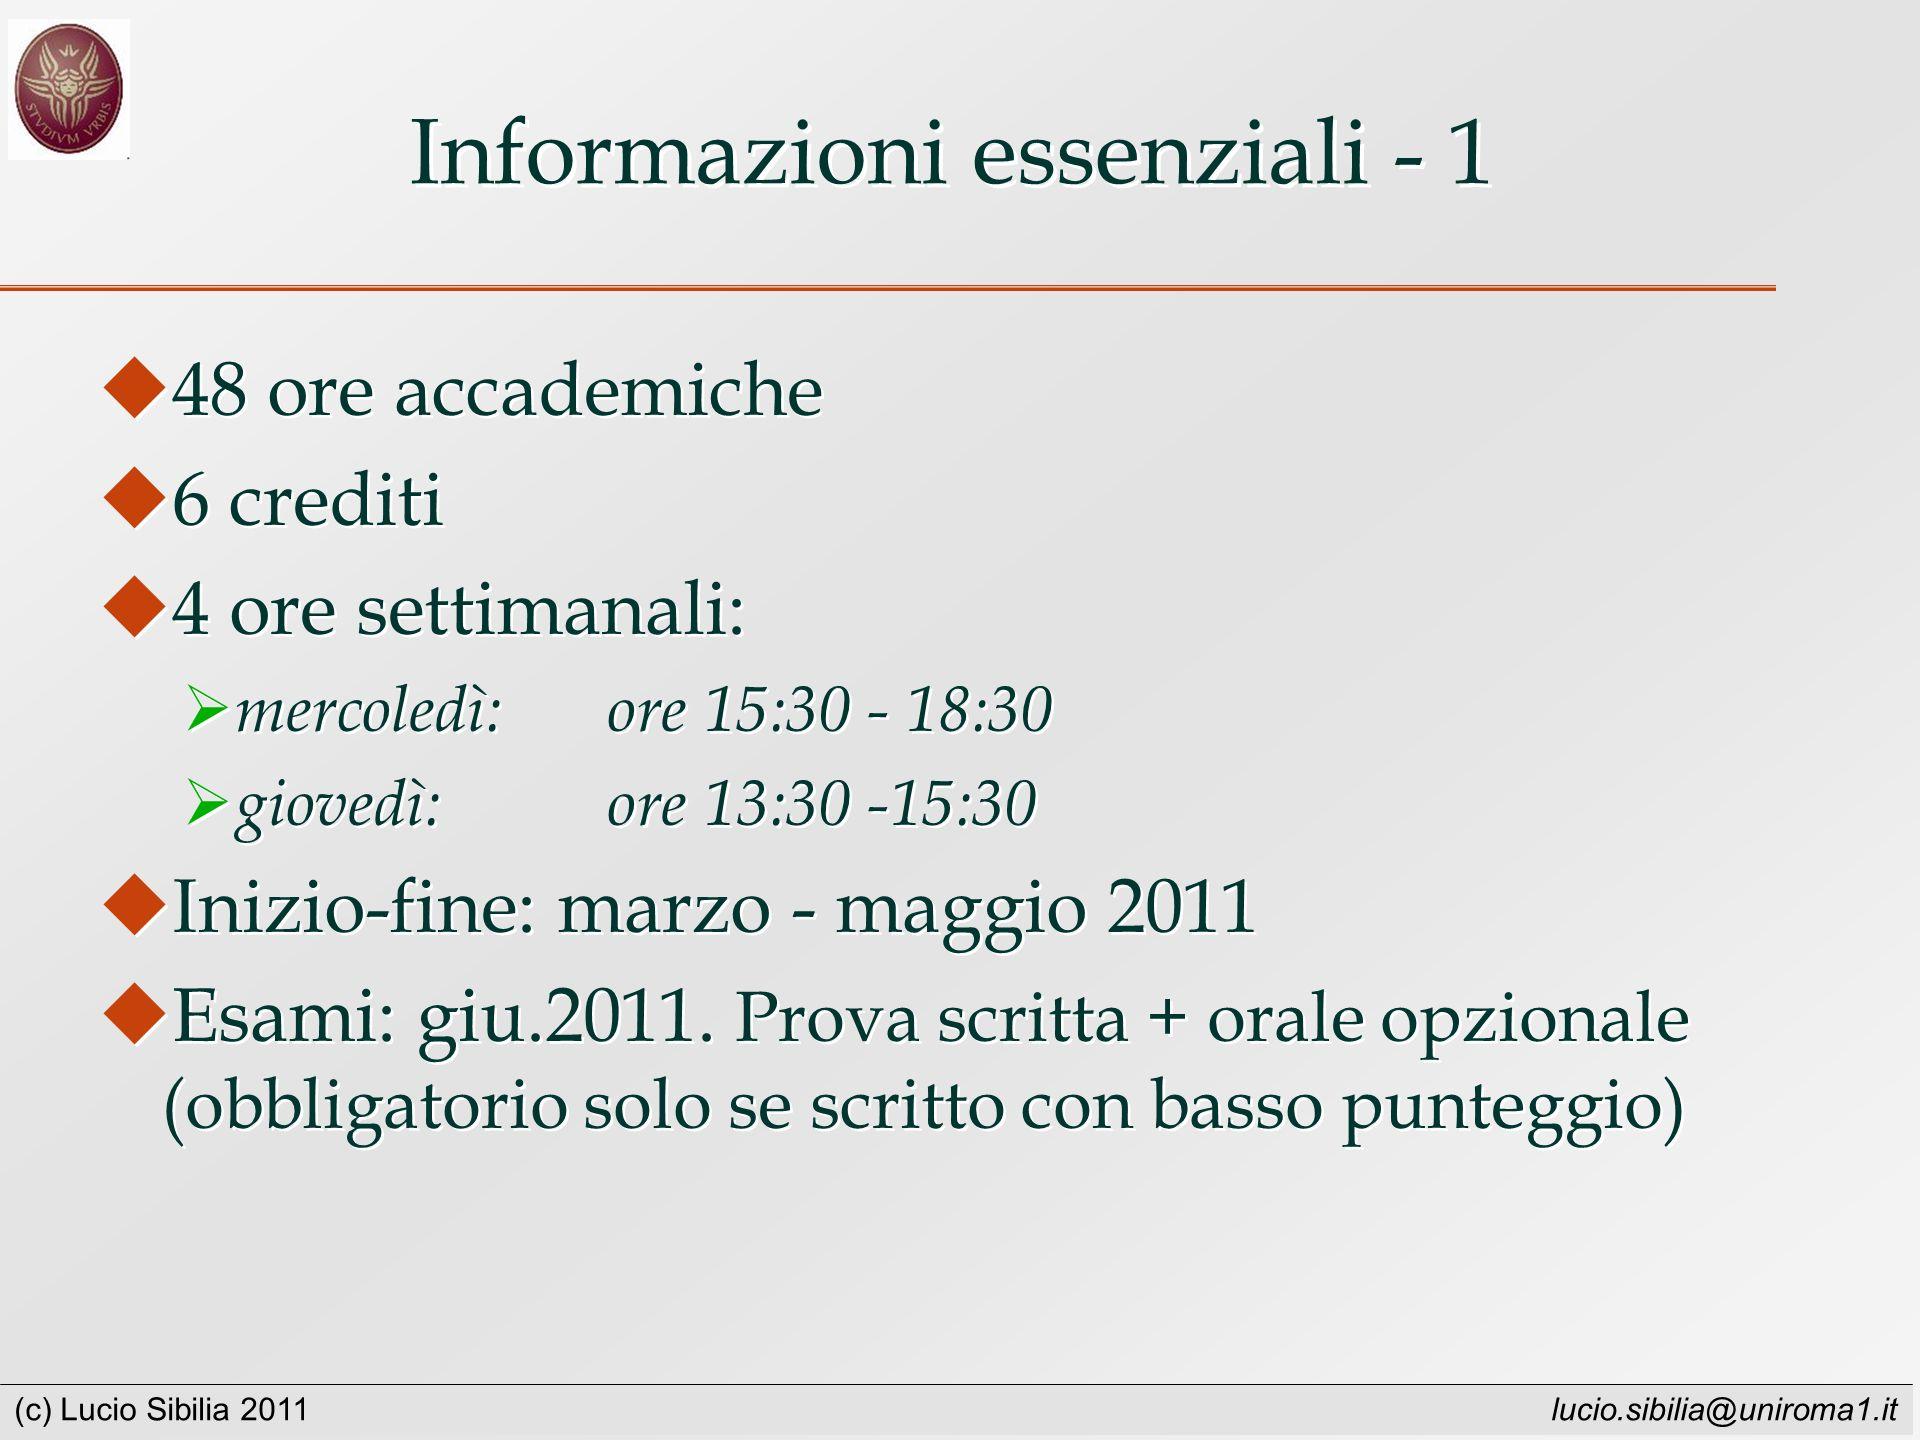 (c) Lucio Sibilia 2011 lucio.sibilia@uniroma1.it Informazioni essenziali - 1 48 ore accademiche 6 crediti 4 ore settimanali: mercoledì: ore 15:30 - 18:30 giovedì: ore 13:30 -15:30 Inizio-fine: marzo - maggio 2011 Esami: giu.2011.